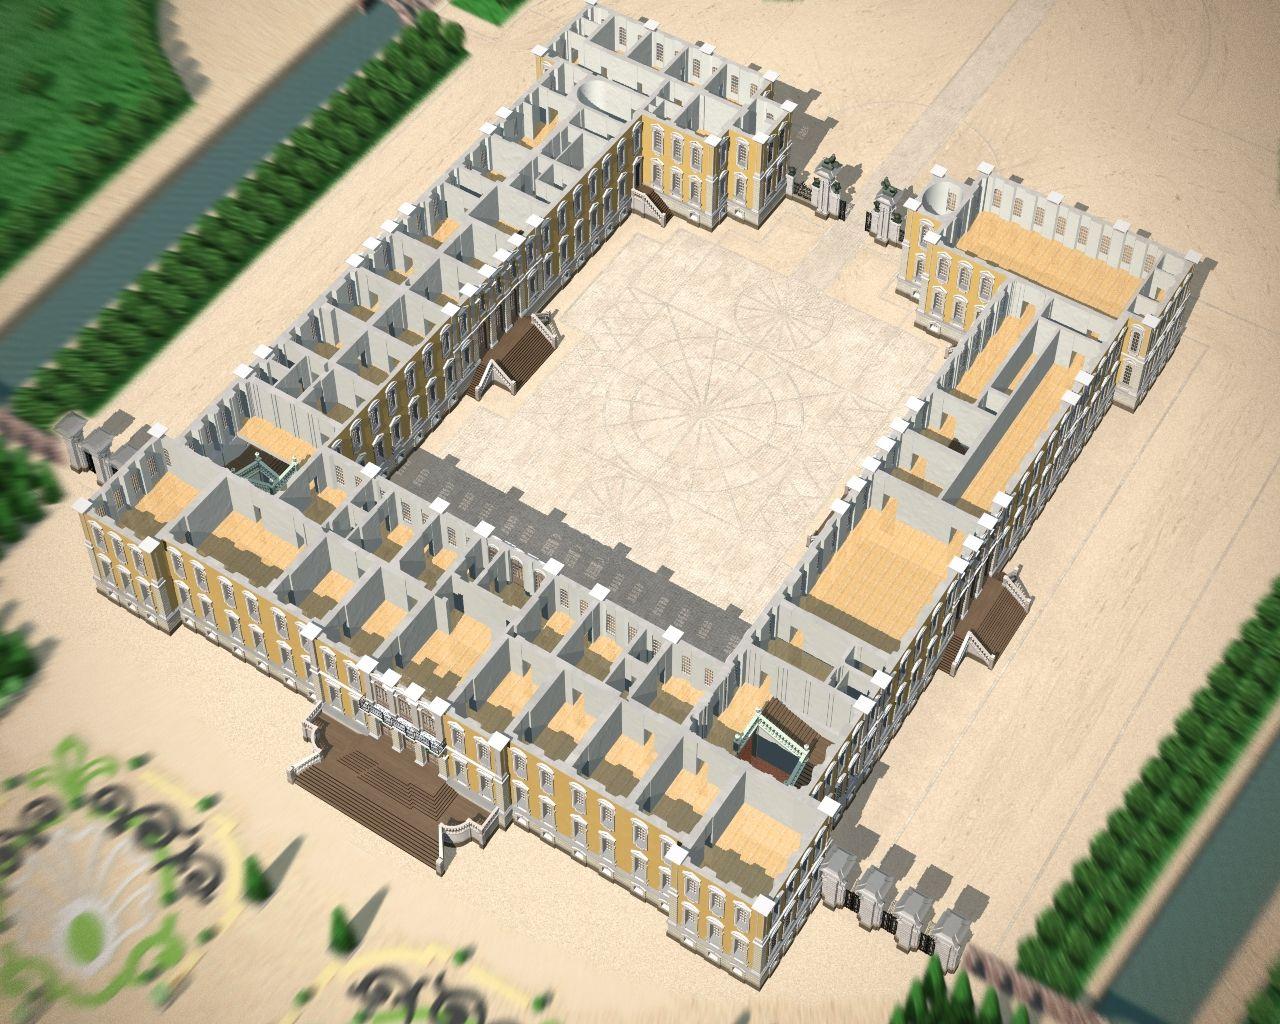 [FB] Huis Clos au Château (Solo) D01bbd1f7c7c0ee92b04e5d4eddb5796